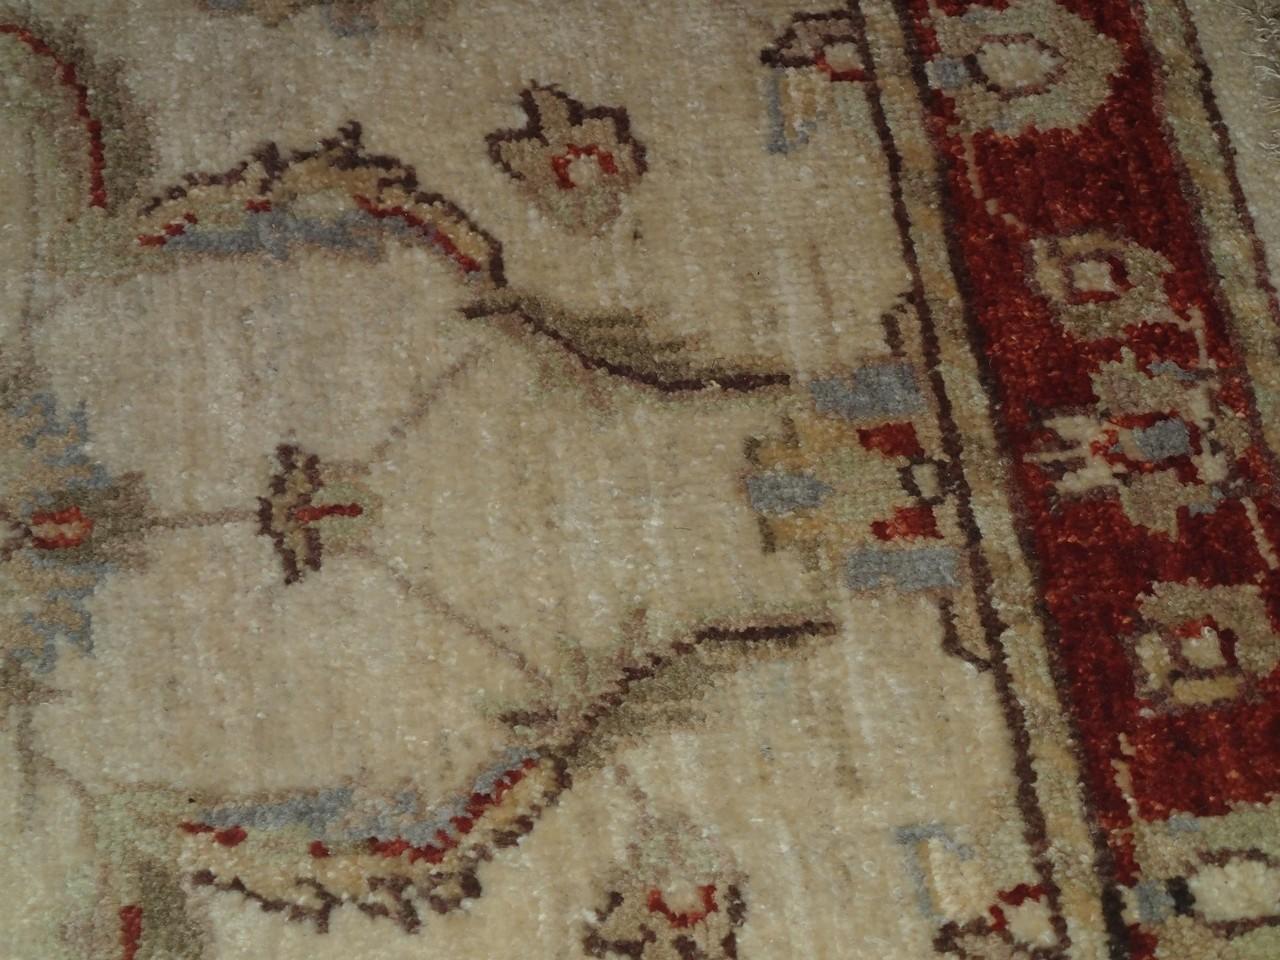 die teppich pflege ankauf gebrauchter handgekn pfter teppiche antiker perser und orientteppiche. Black Bedroom Furniture Sets. Home Design Ideas